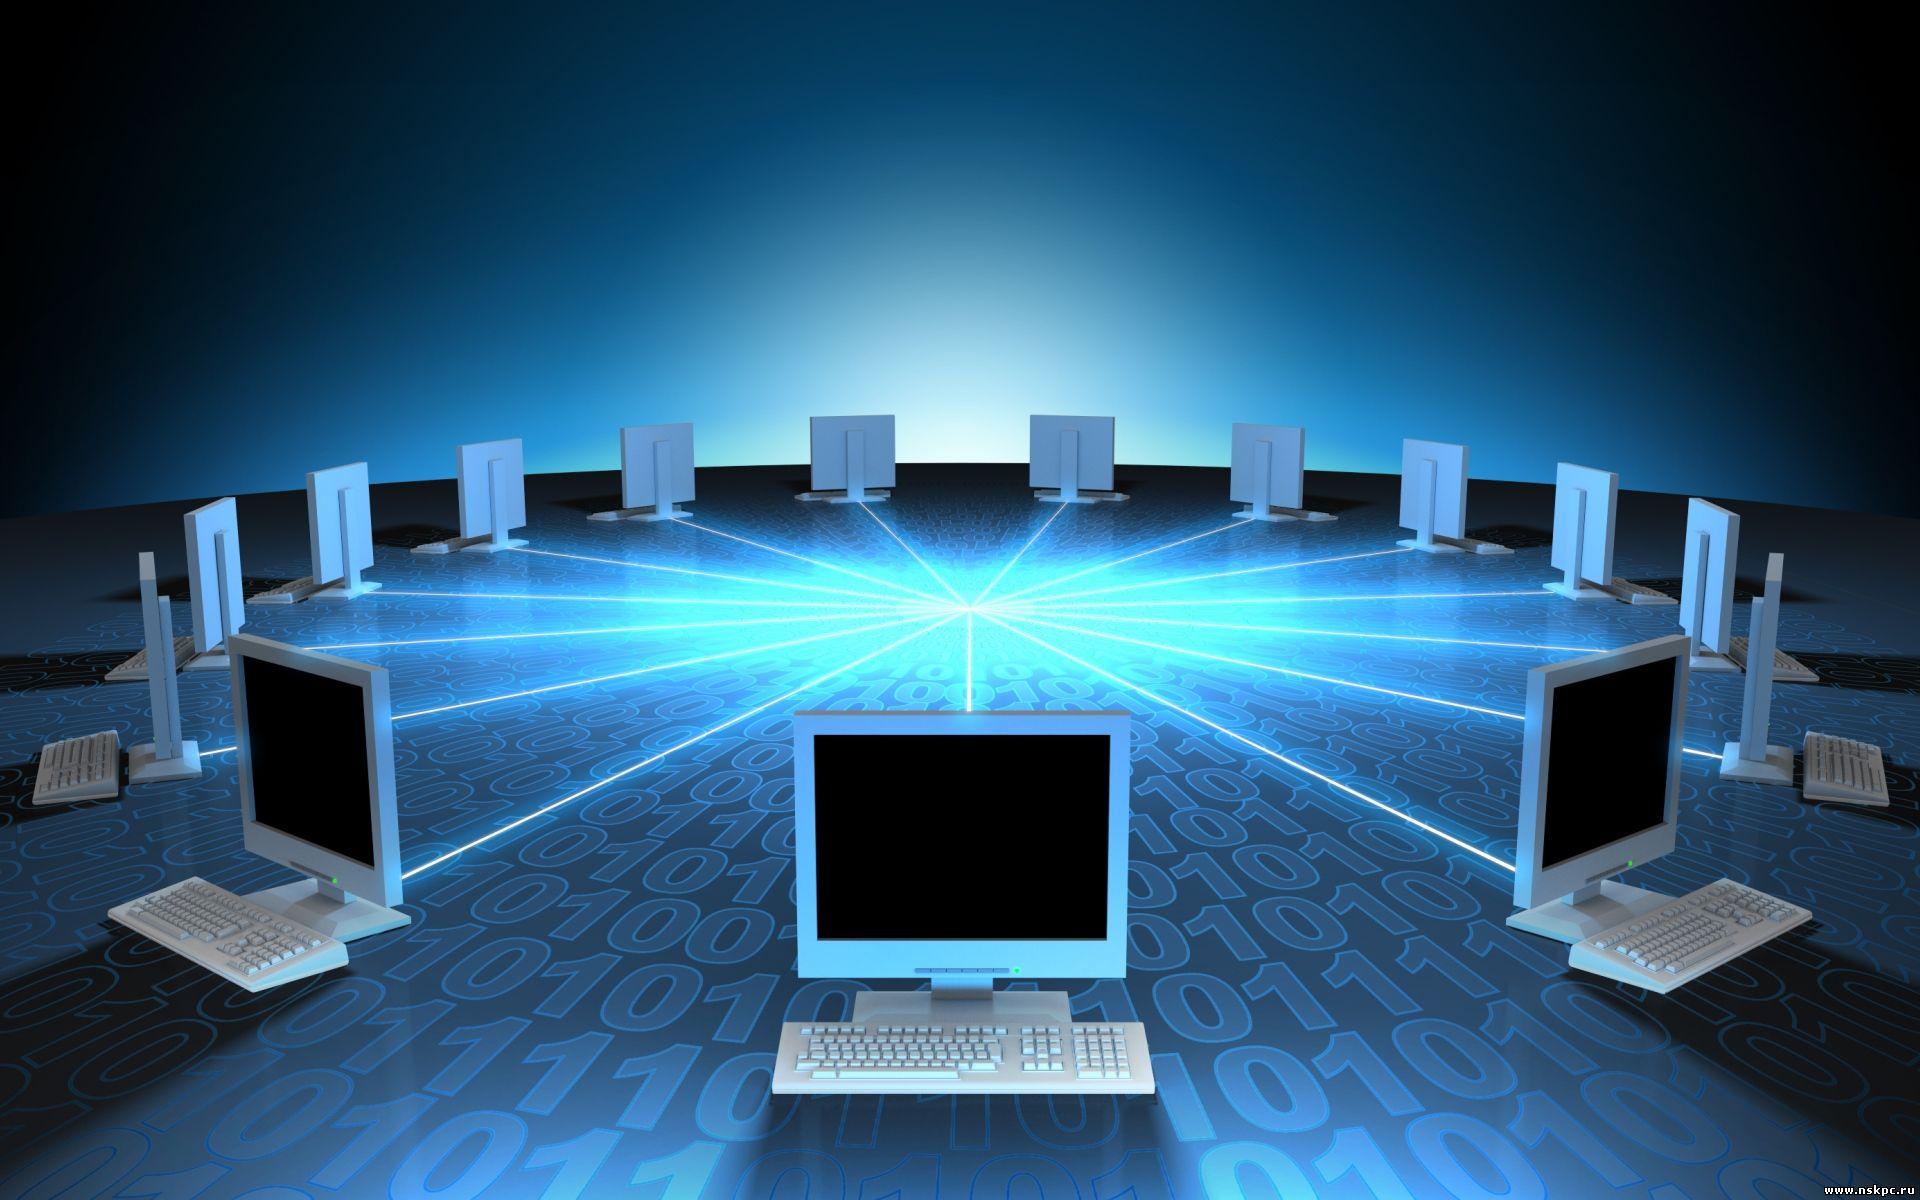 Картинка на виртуальном рабочем столе